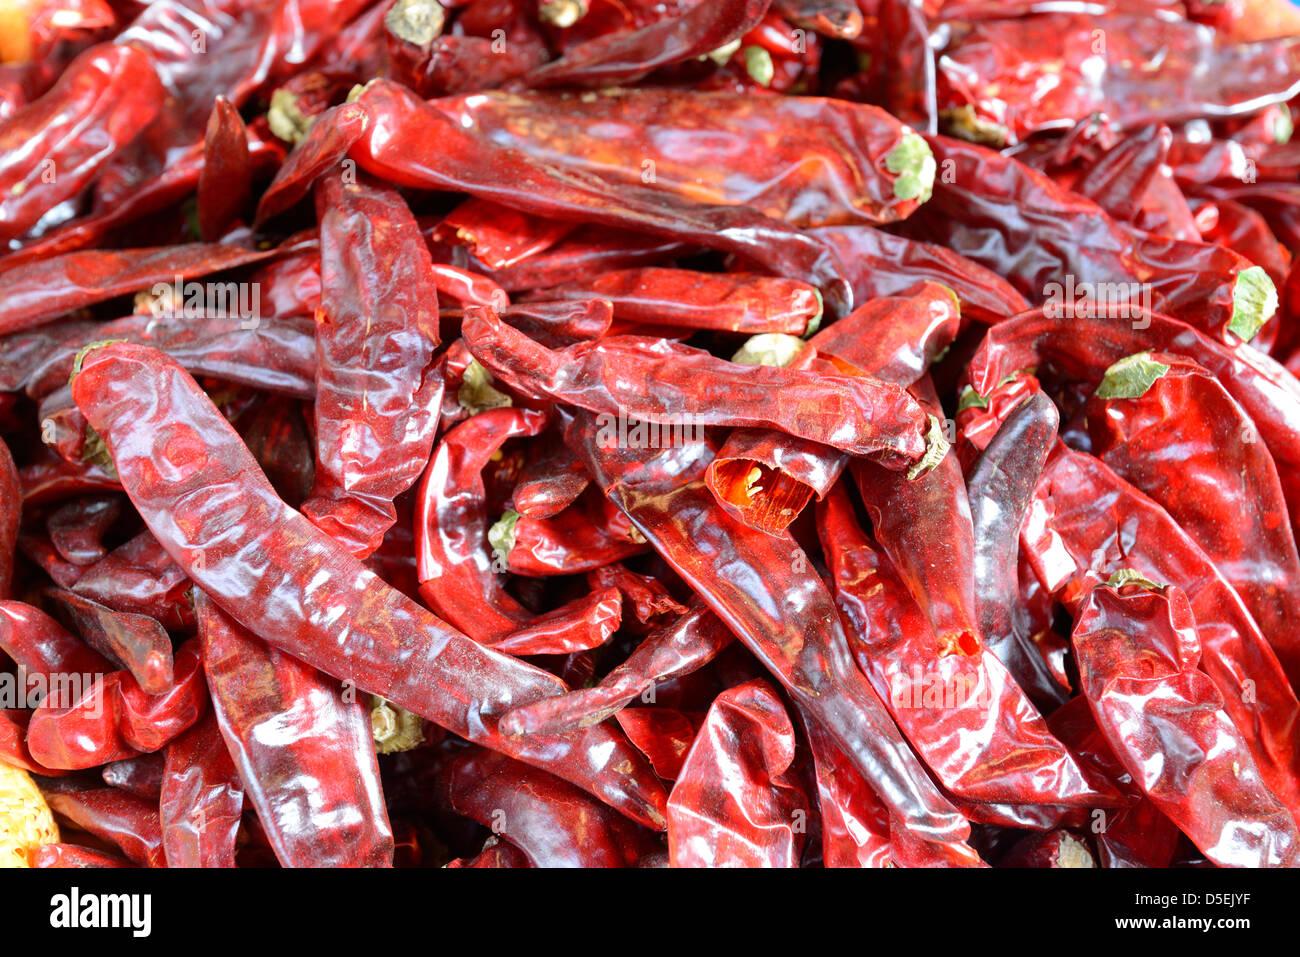 Stapel von würzige Paprika auf einem Markt Stockbild